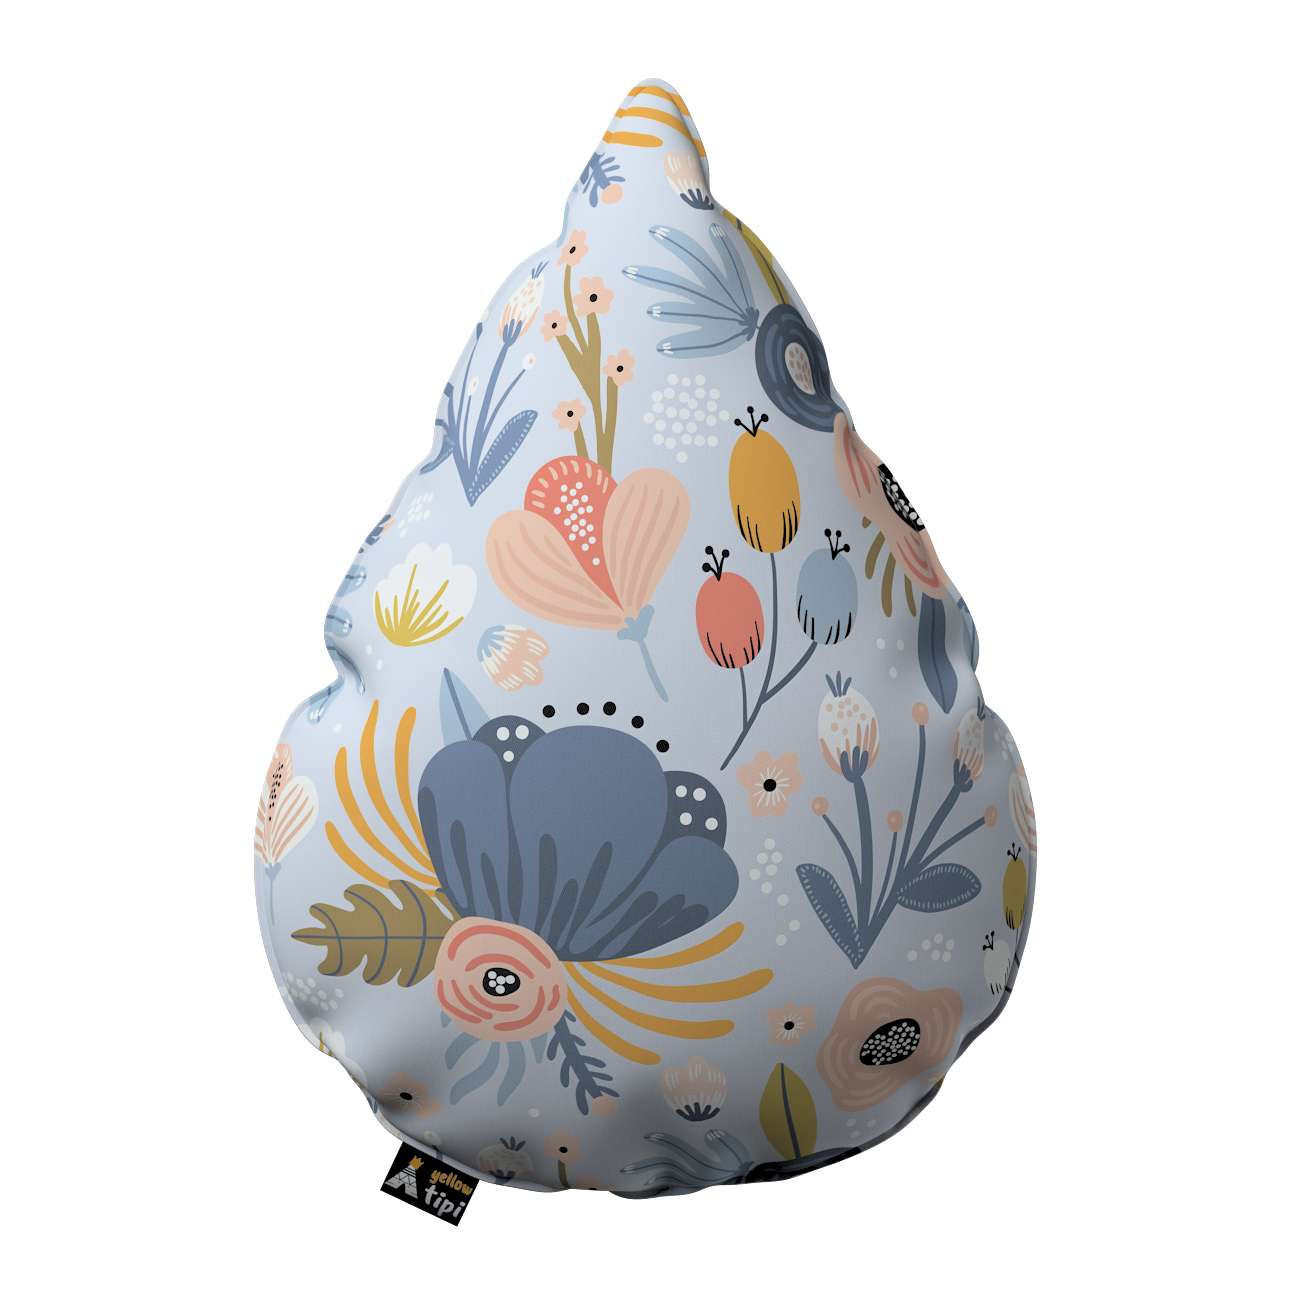 Kissen Sweet Drop von der Kollektion Magic Collection, Stoff: 500-05